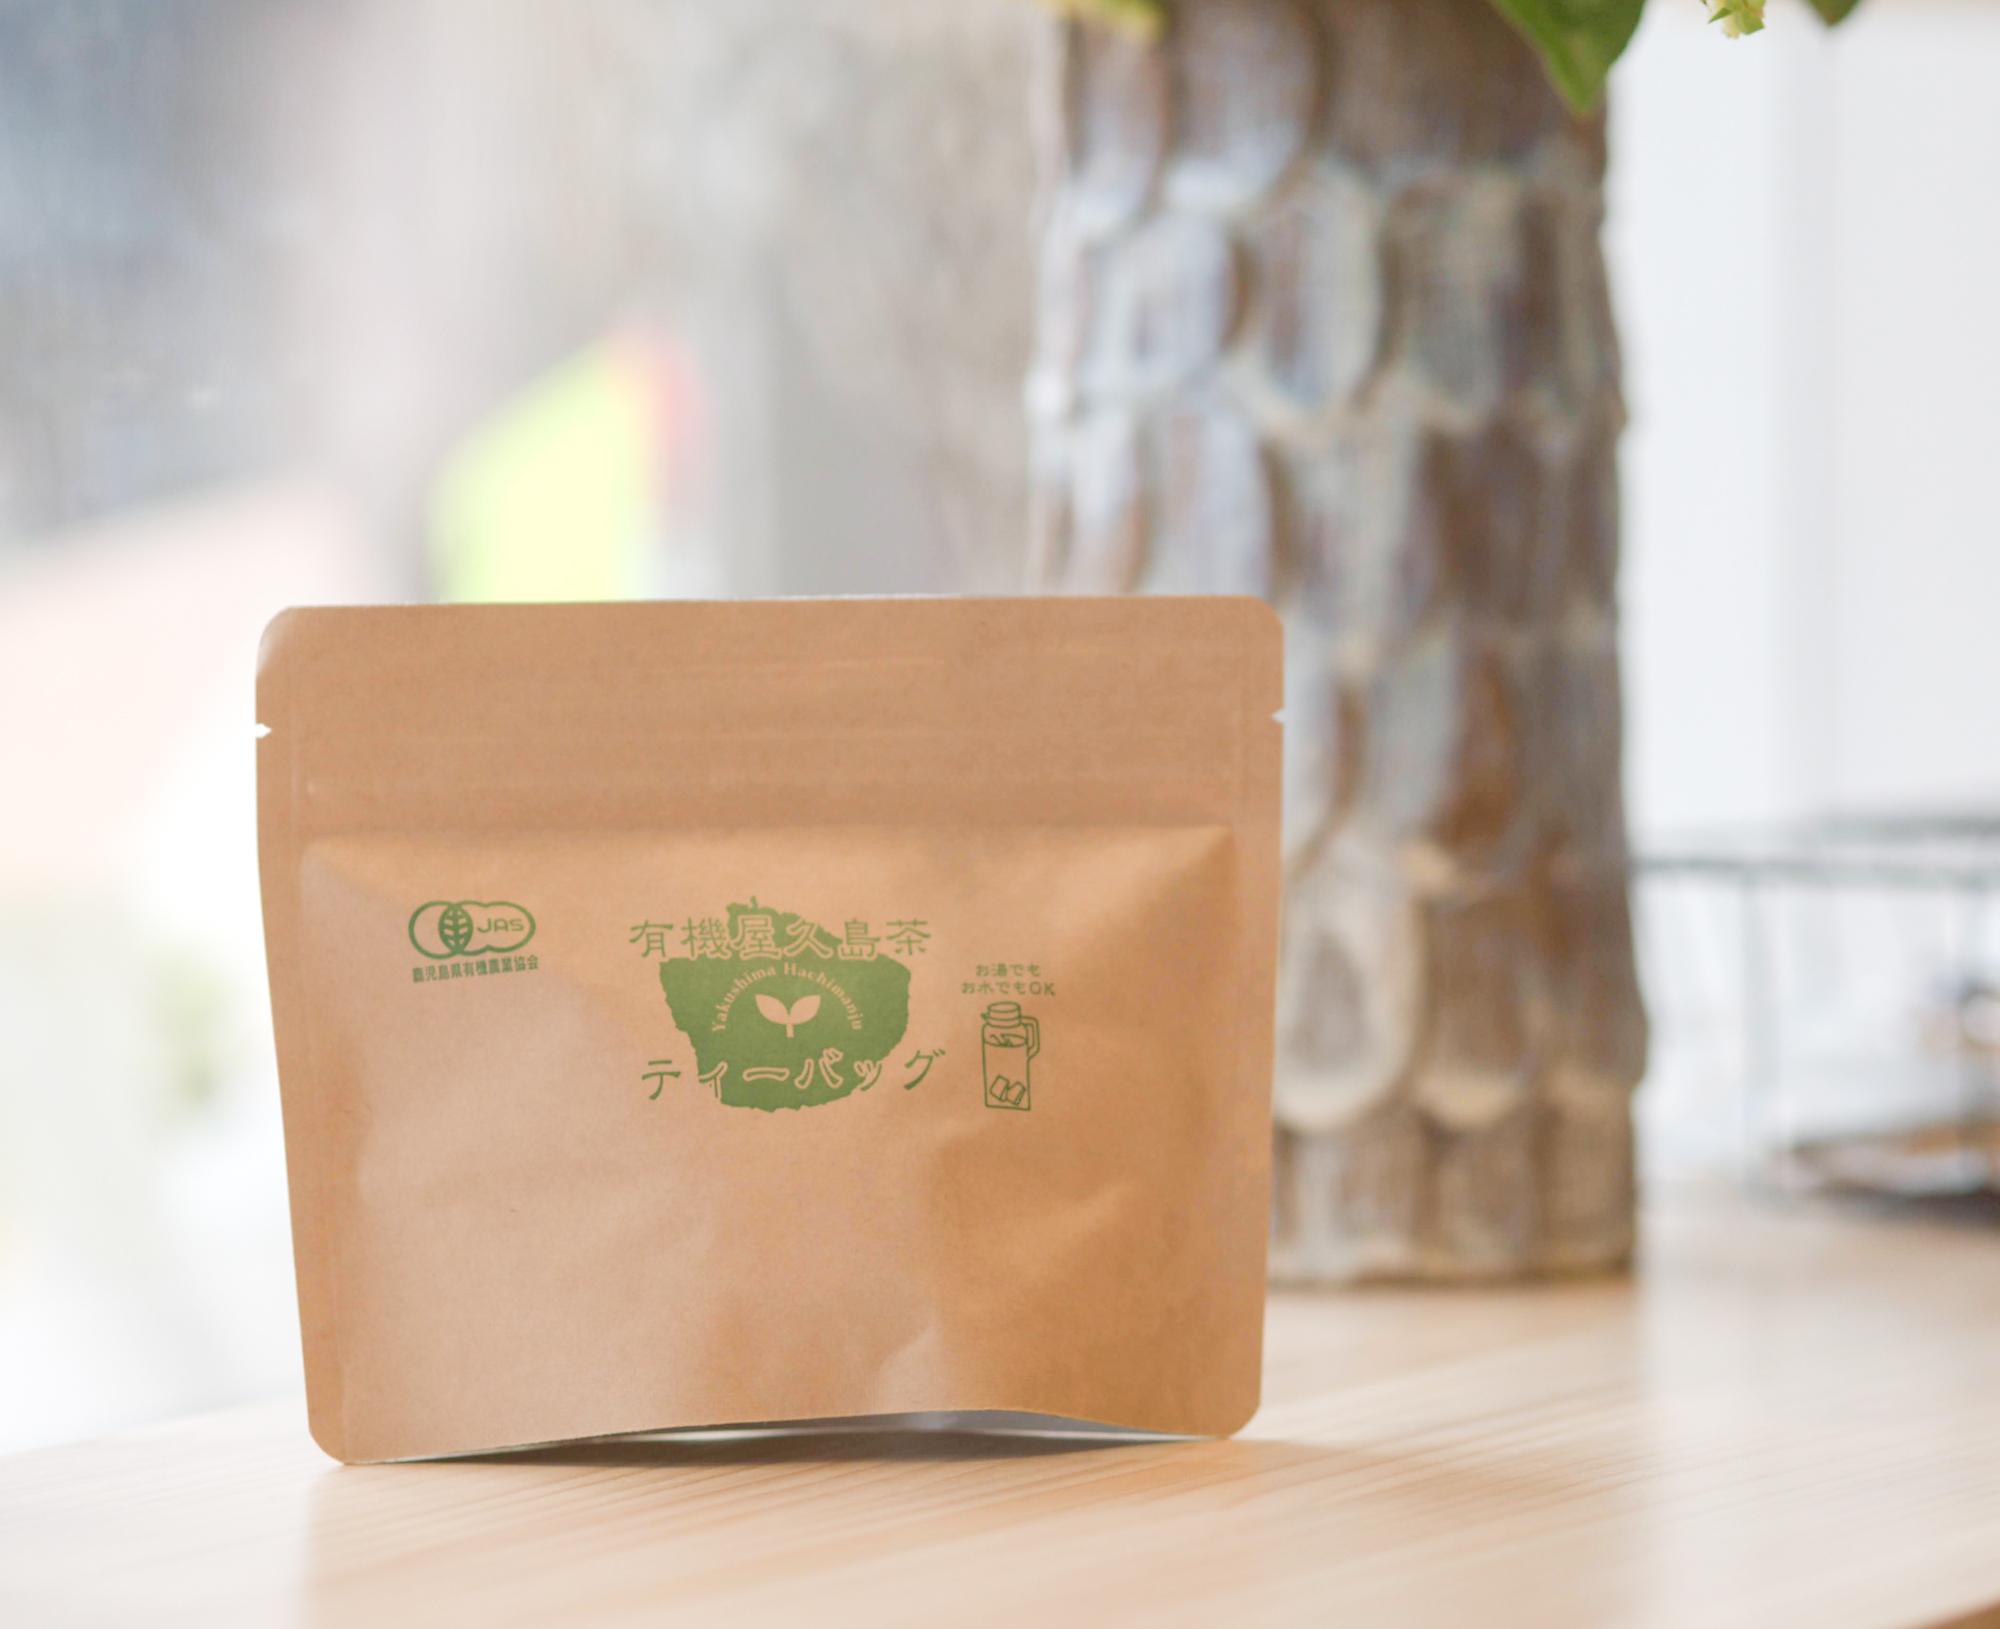 鹿児島県・屋久島の有機緑茶(ティーバッグ)